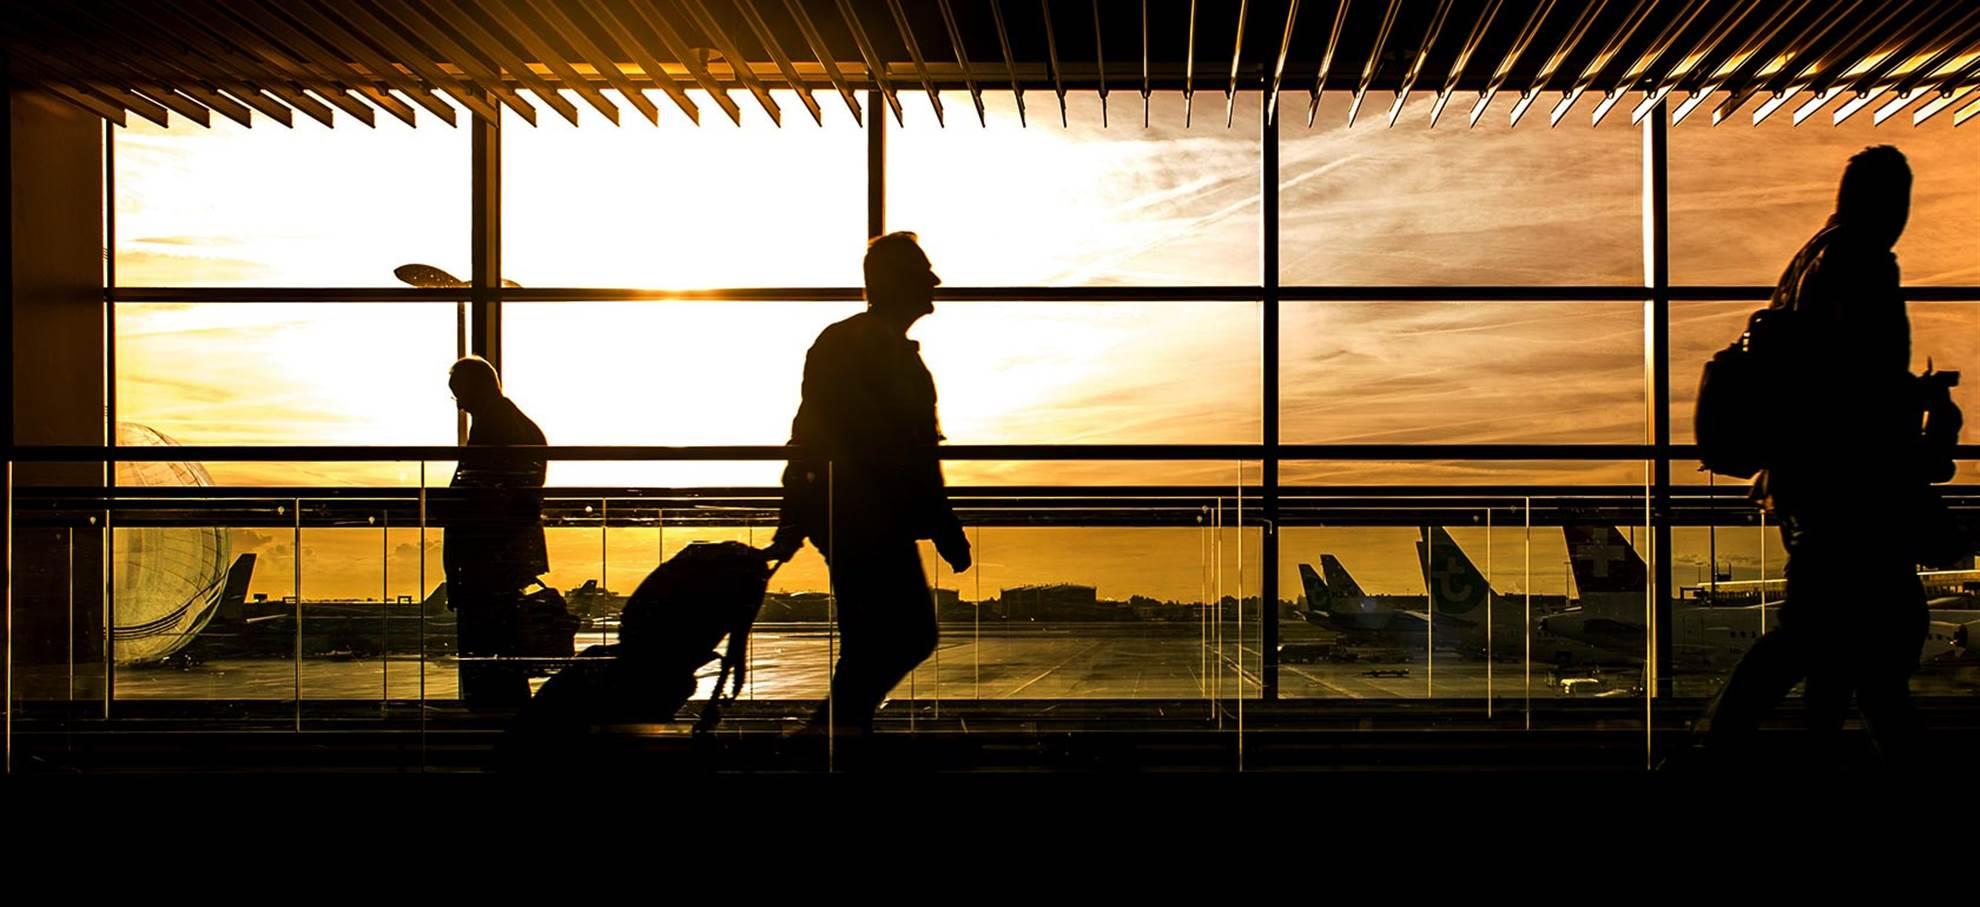 Transfer Aeroporto de Florença - Hotel